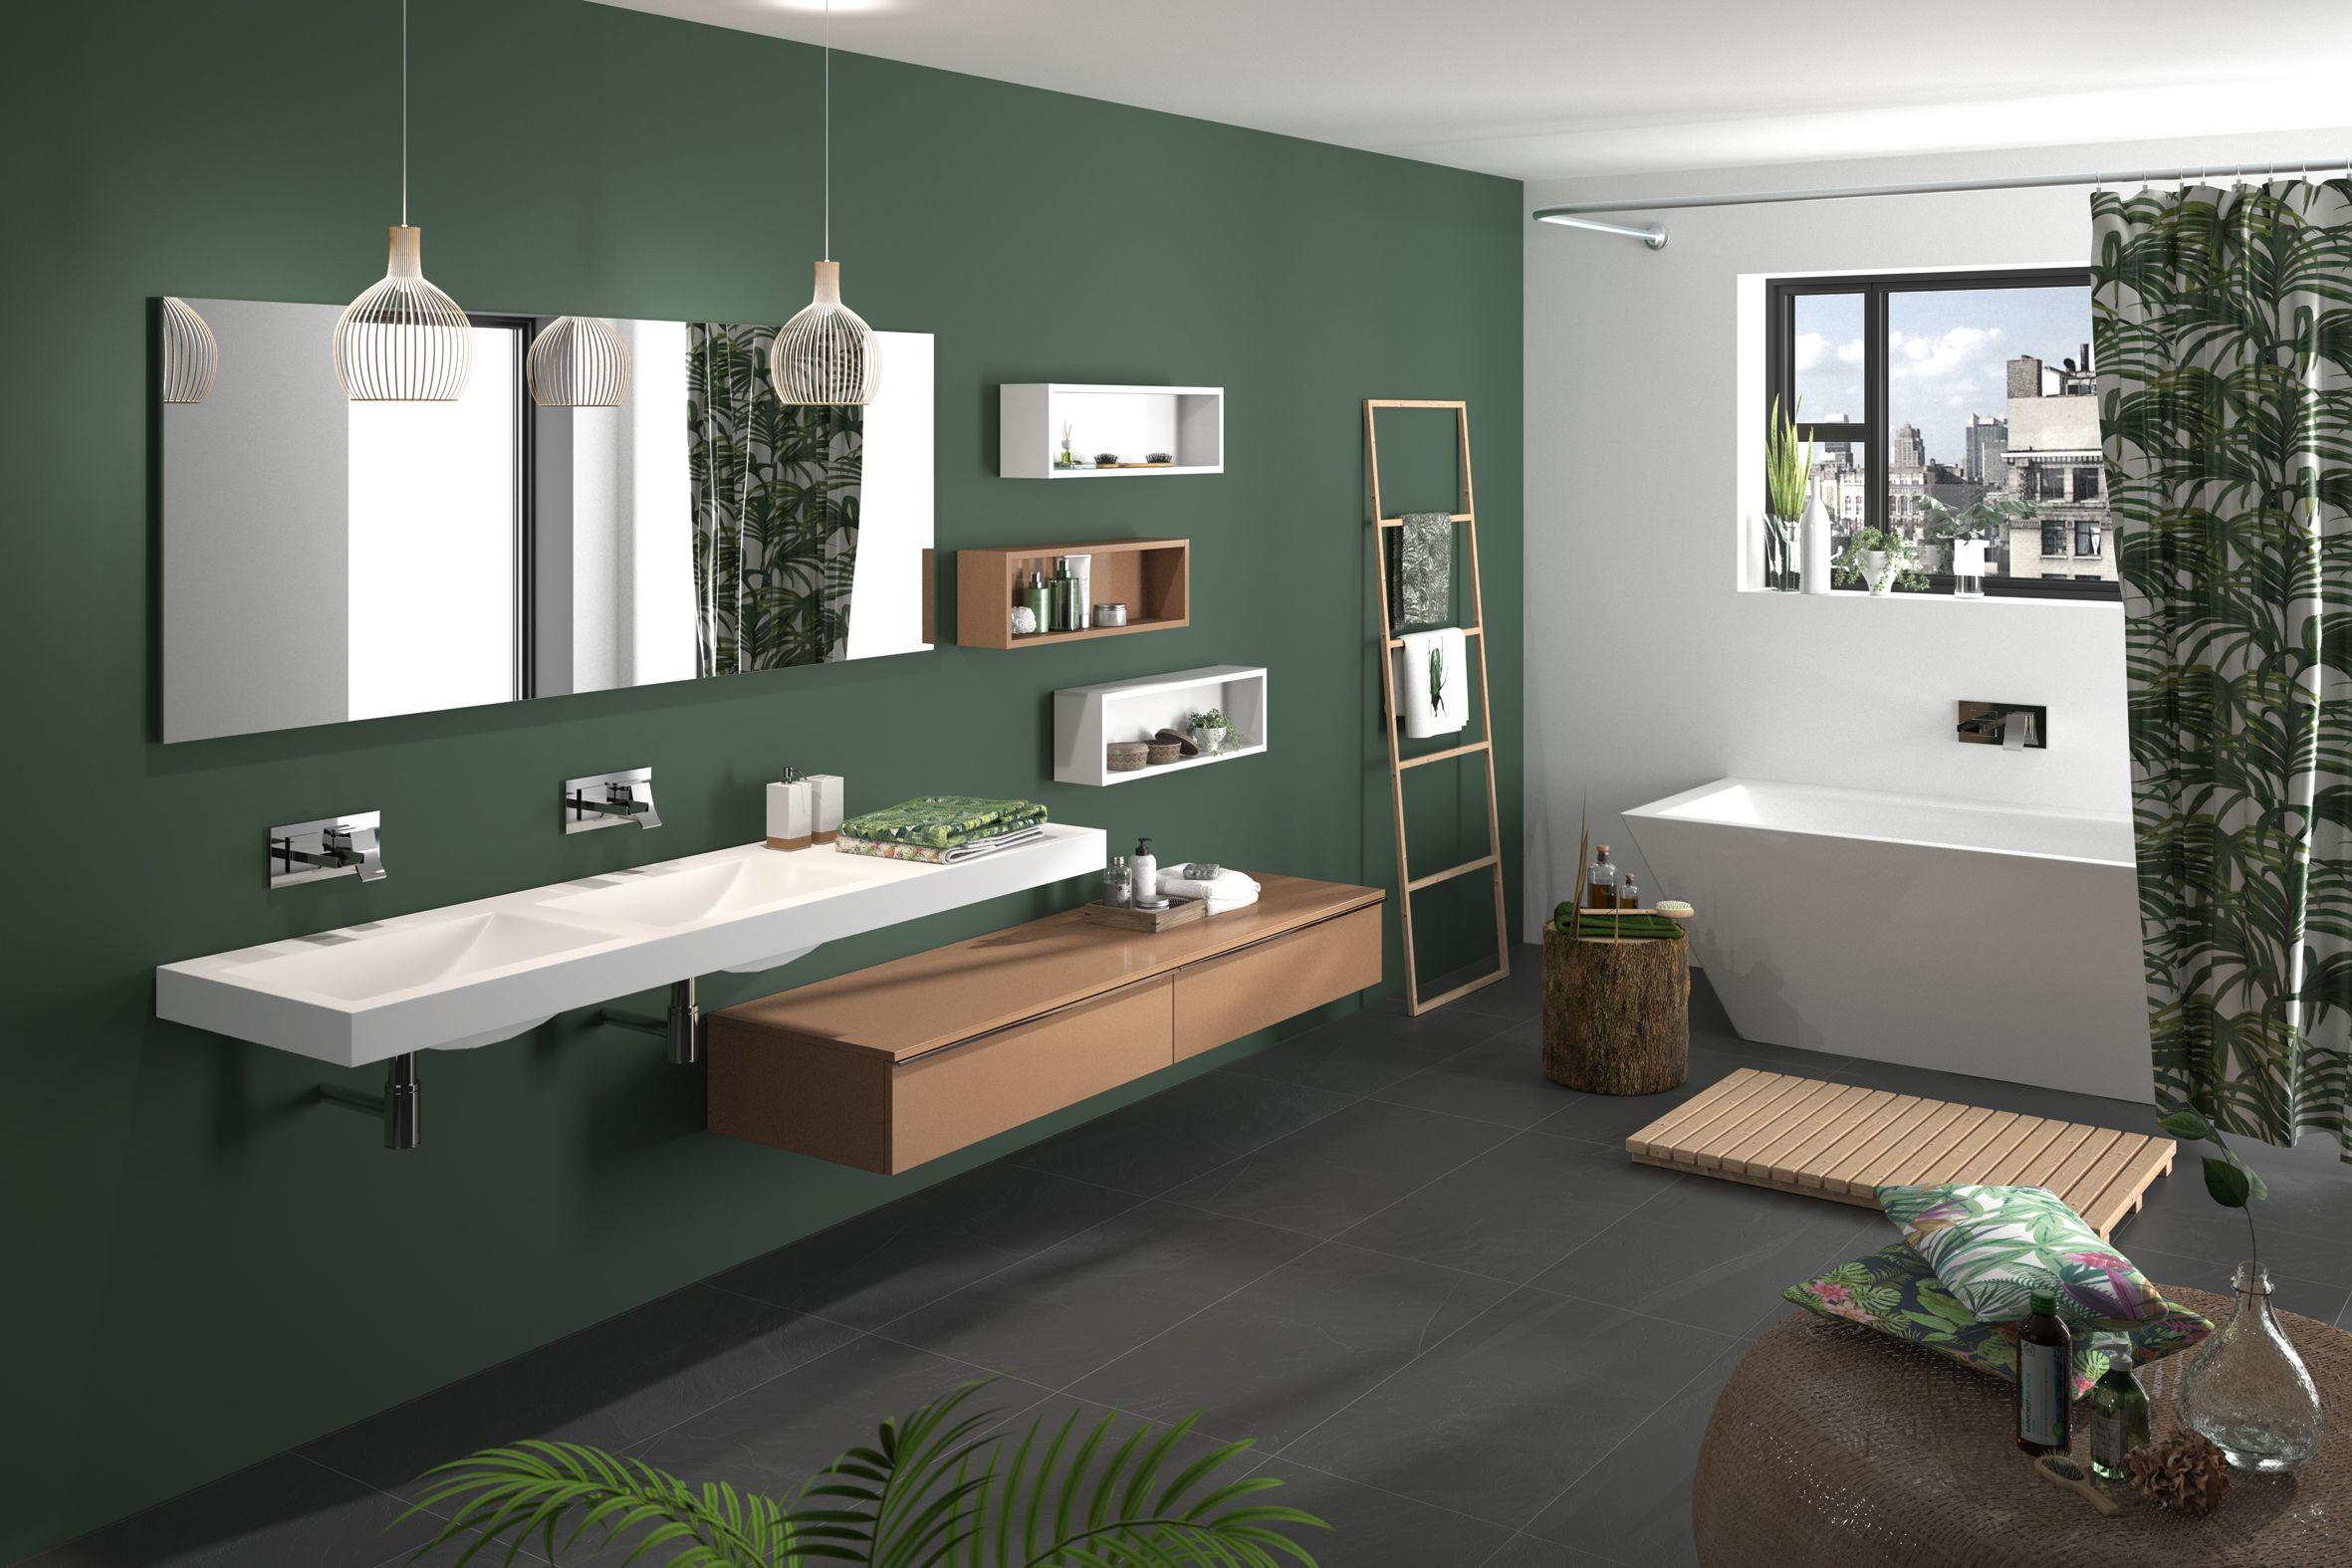 meuble de salle de bain cedam gamme